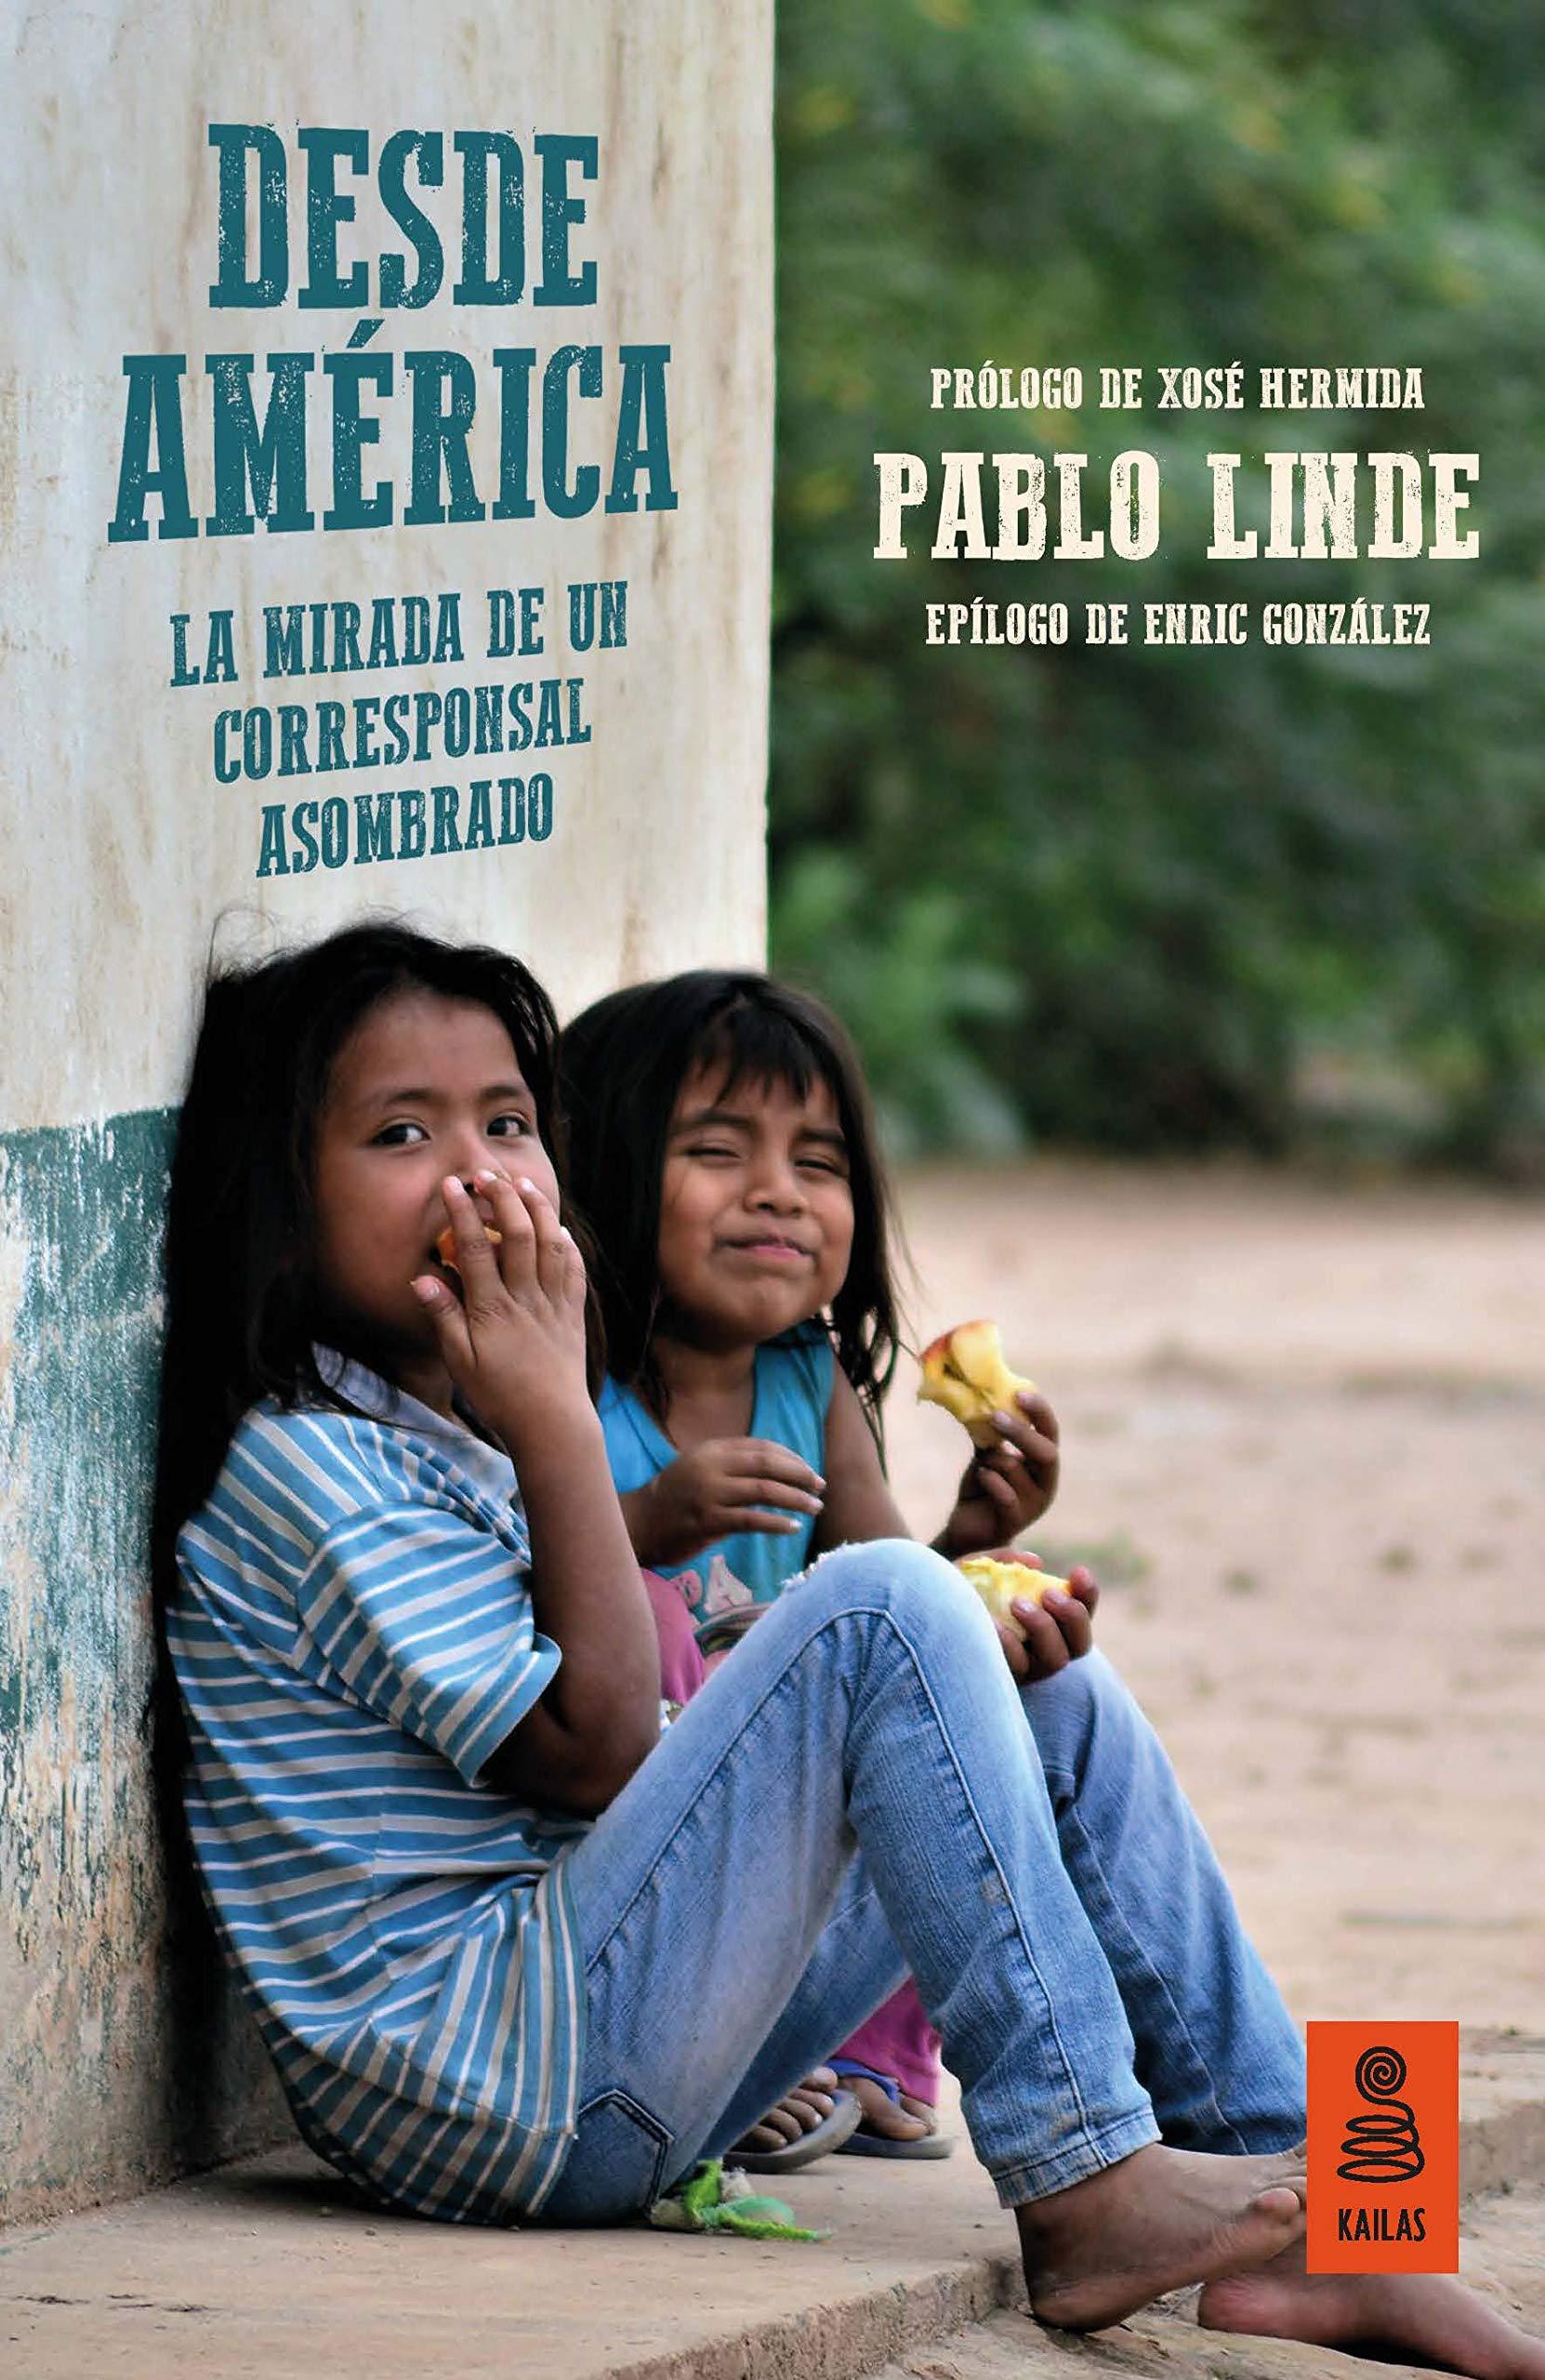 Desde américa. La mirada de un corresponsal sorprendido: La mirada de un periodista asombrado Kailas Periodismo: Amazon.es: Linde Hernández, Pablo: Libros